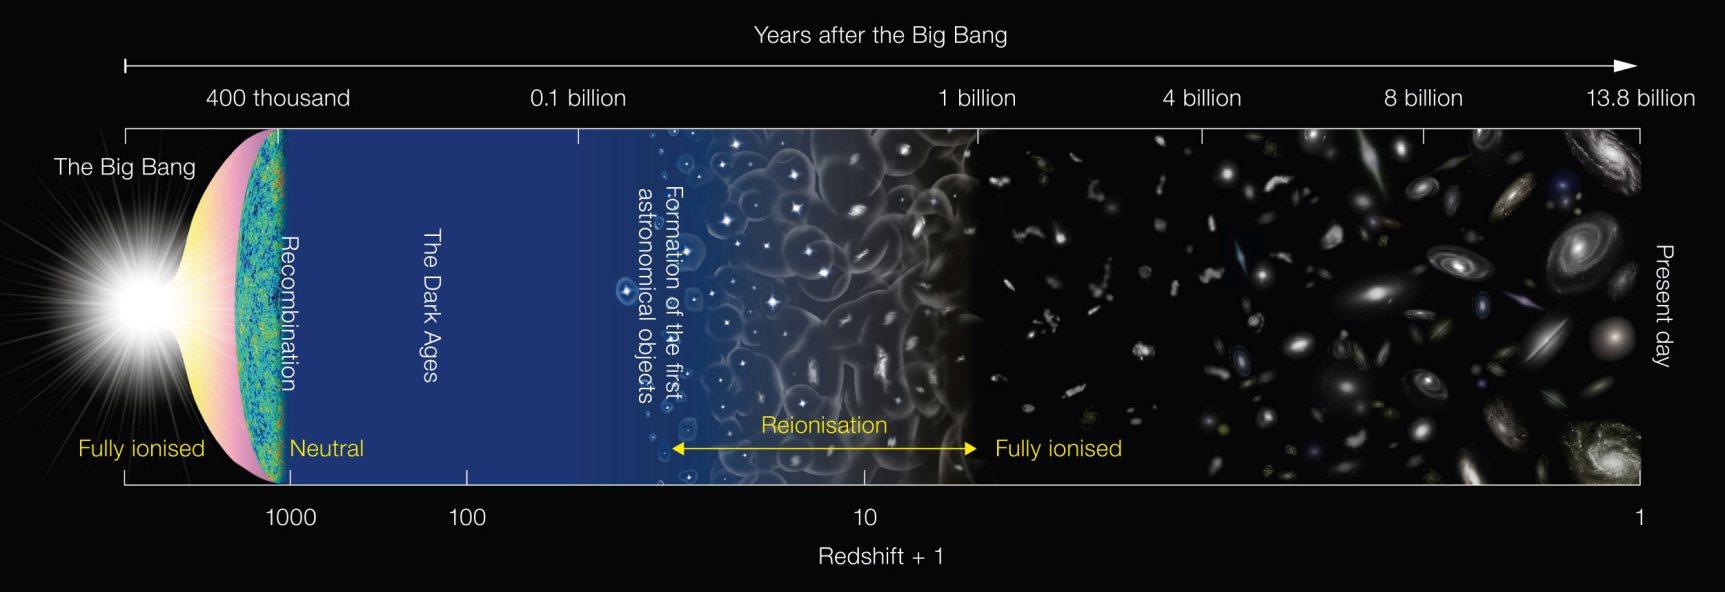 دیاگرام شماتیک از تاریخ جهان هستی: این نمودار چگونگی تکامل کیهان طی 13.8 میلیارد سال از لحظه ی بیگ بنگ تا حال را نشان می دهد.